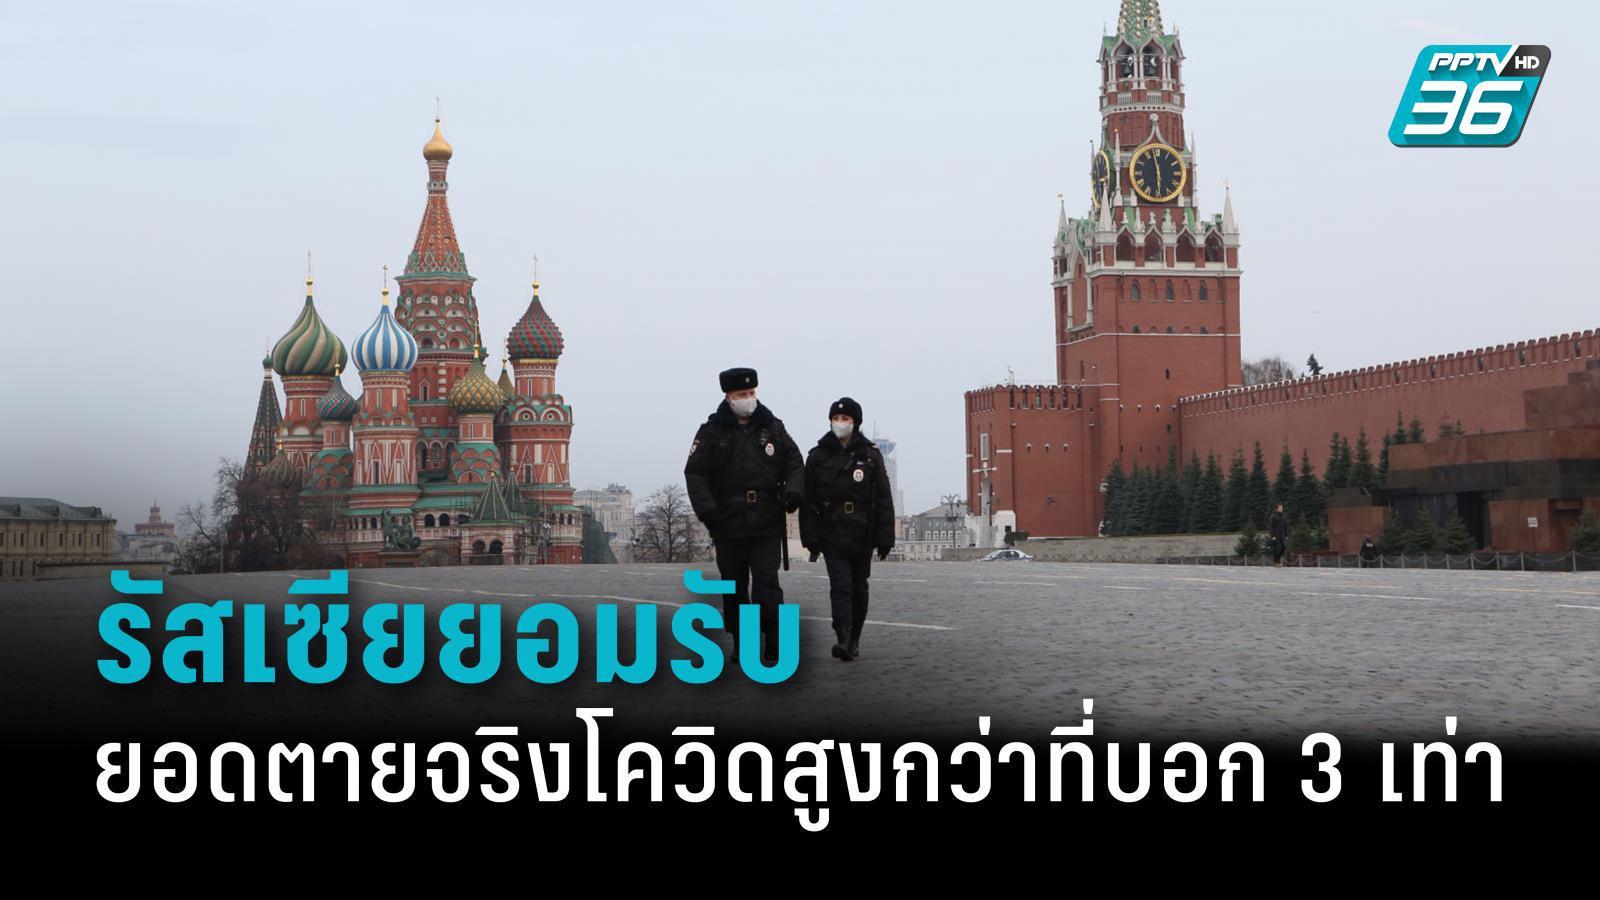 รัสเซียยอมรับ ยอดตายจริงจากโควิด-19 สูงกว่าที่รายงานให้โลกรู้